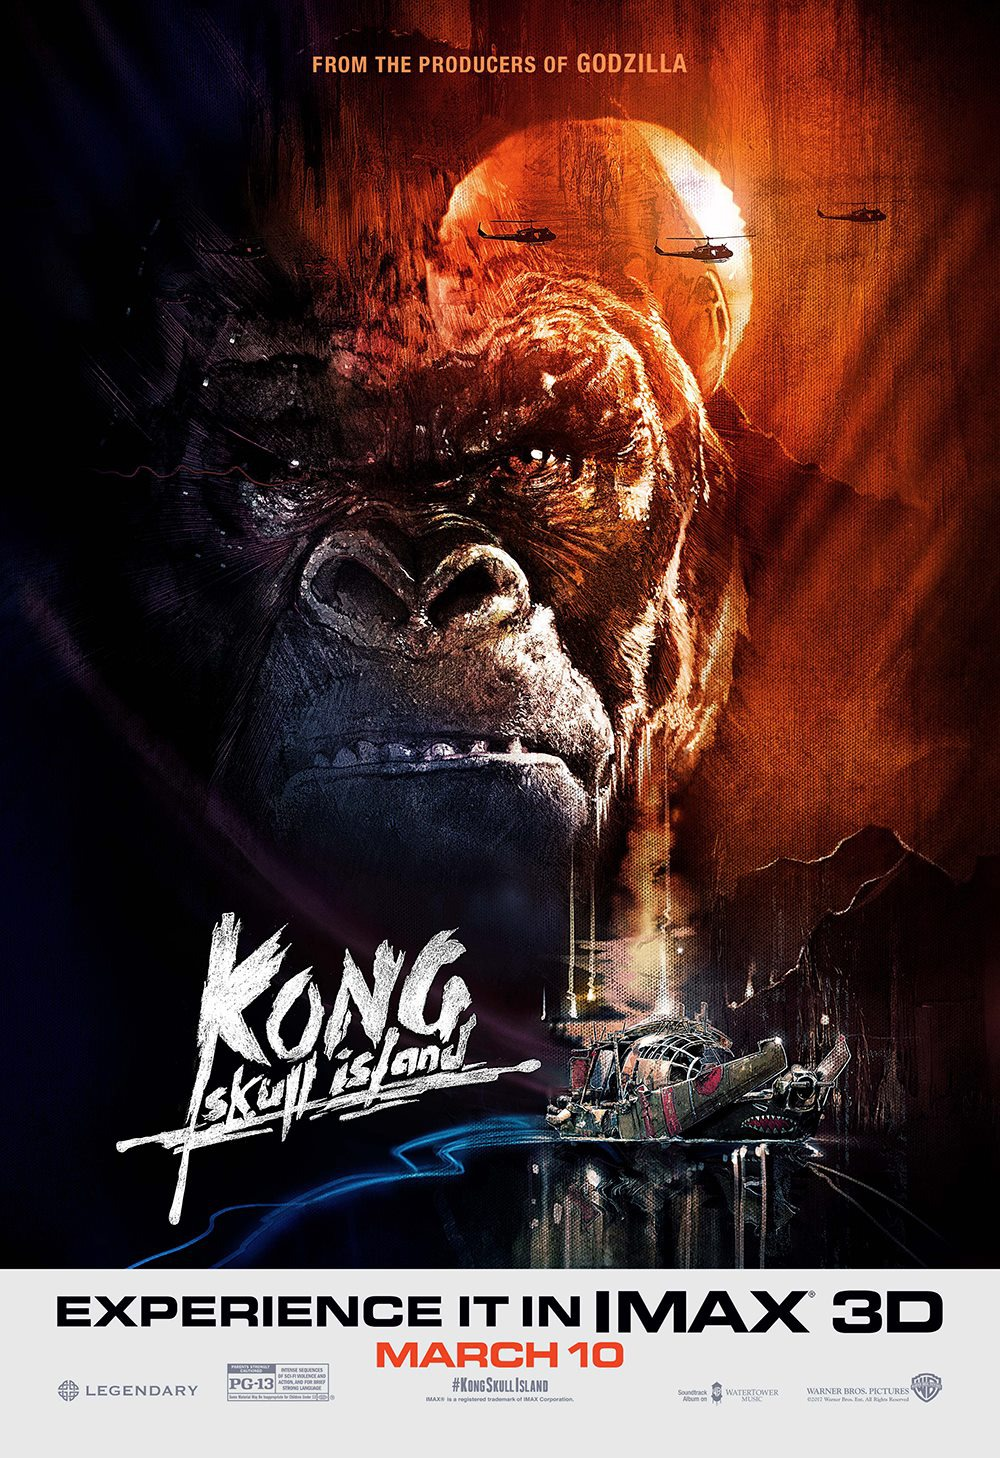 Decor De Kong Island